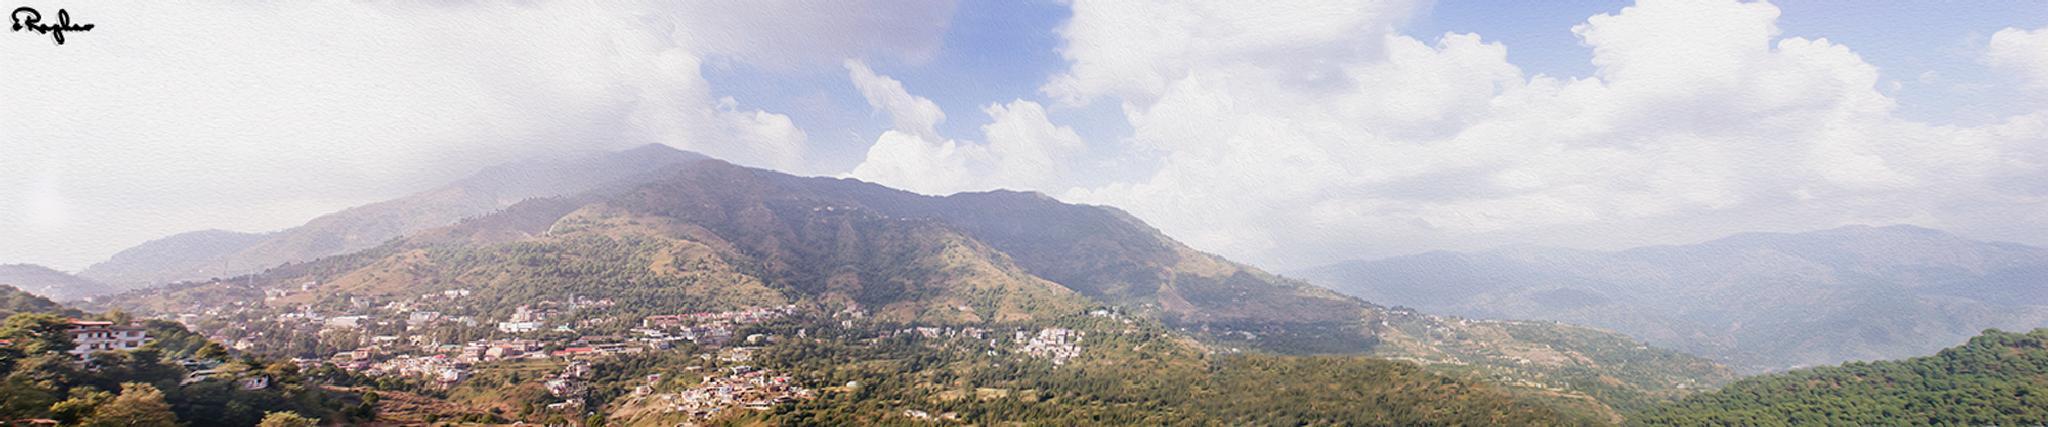 Solan, Himachal pradesh by Raghav Sahai